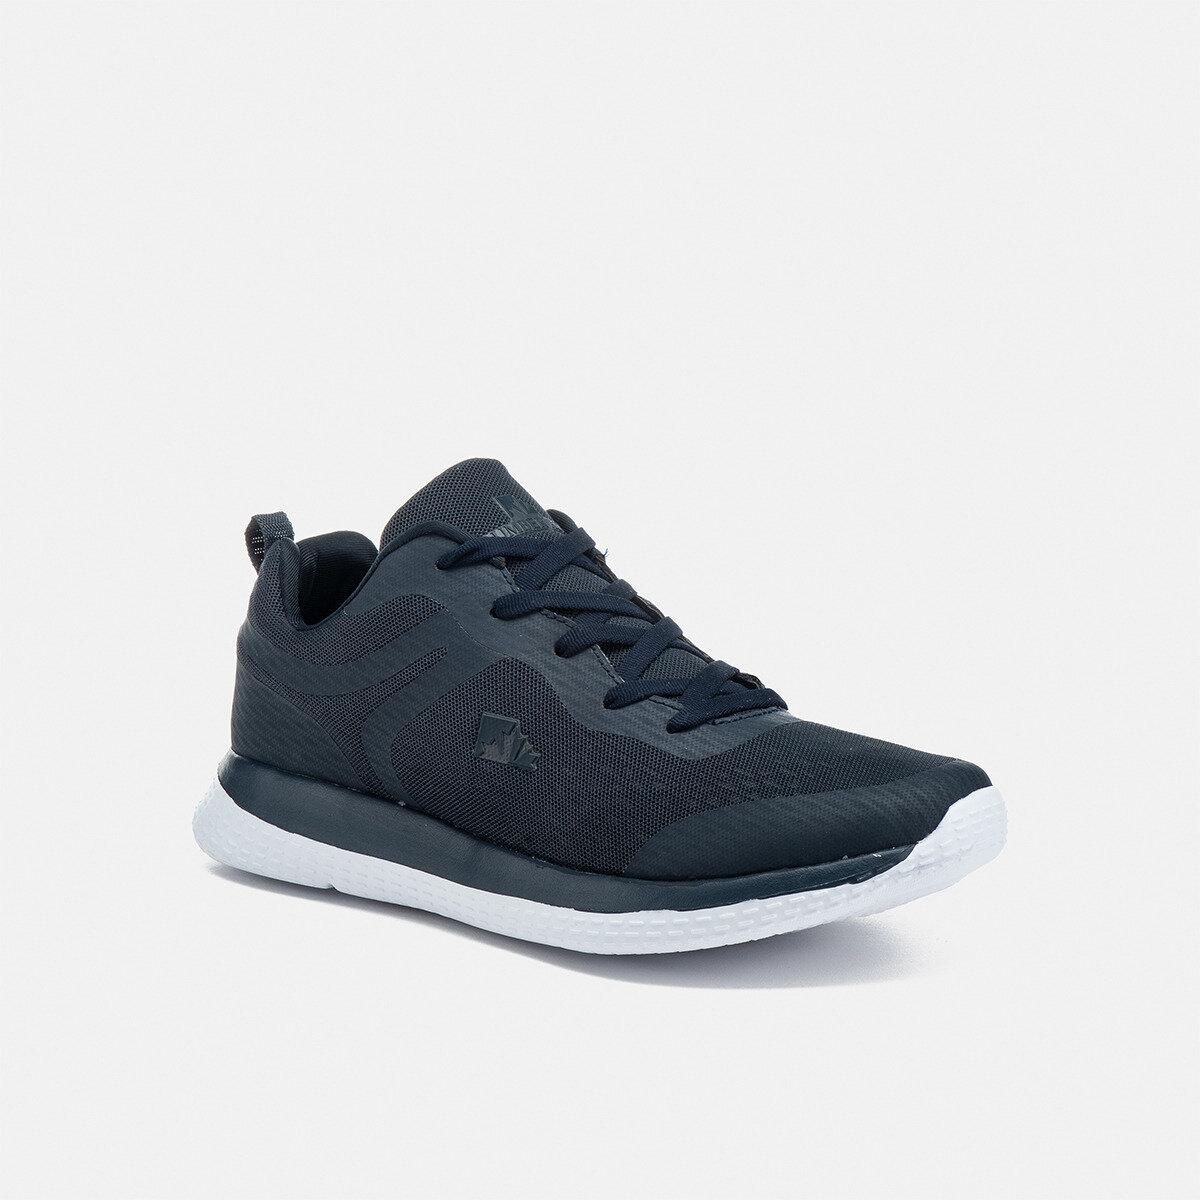 IVAN NAVY BLUE Man Running shoes